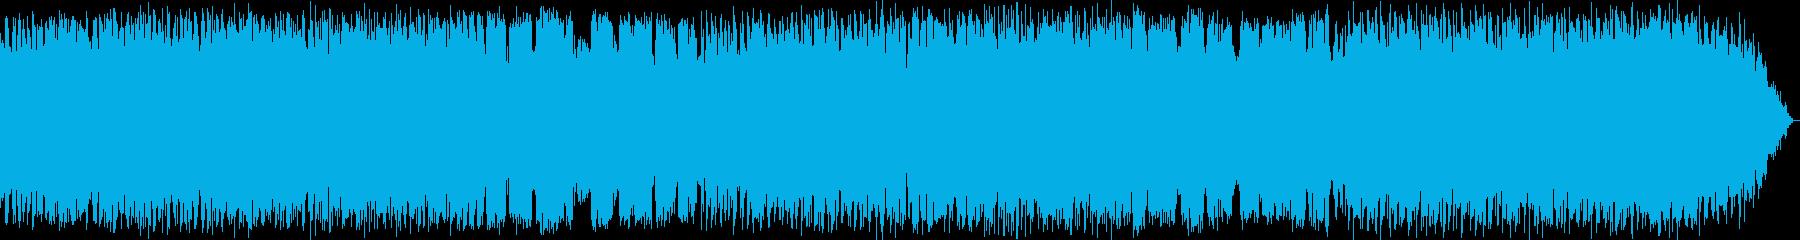 のどかな竹笛のヒーリングミュージックの再生済みの波形